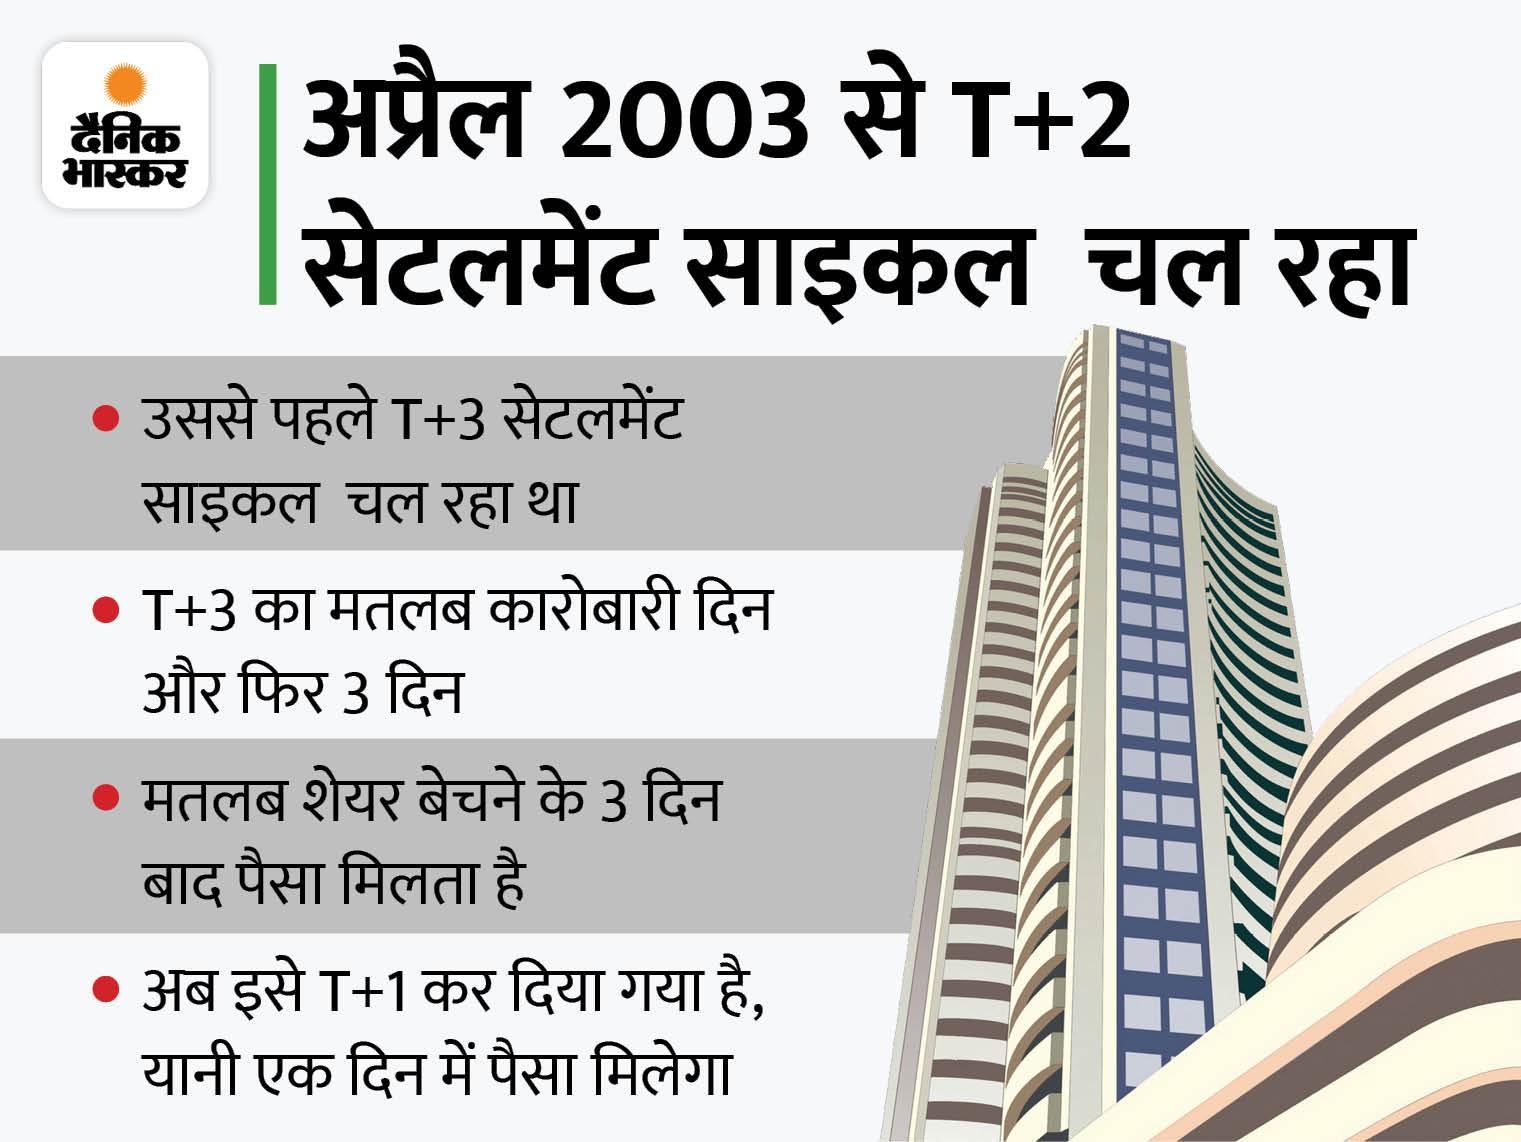 अब शेयर्स को बेचने पर 1 दिन में ही मिलेगा पैसा, जनवरी 2022 से लागू होगा नियम|बिजनेस,Business - Dainik Bhaskar